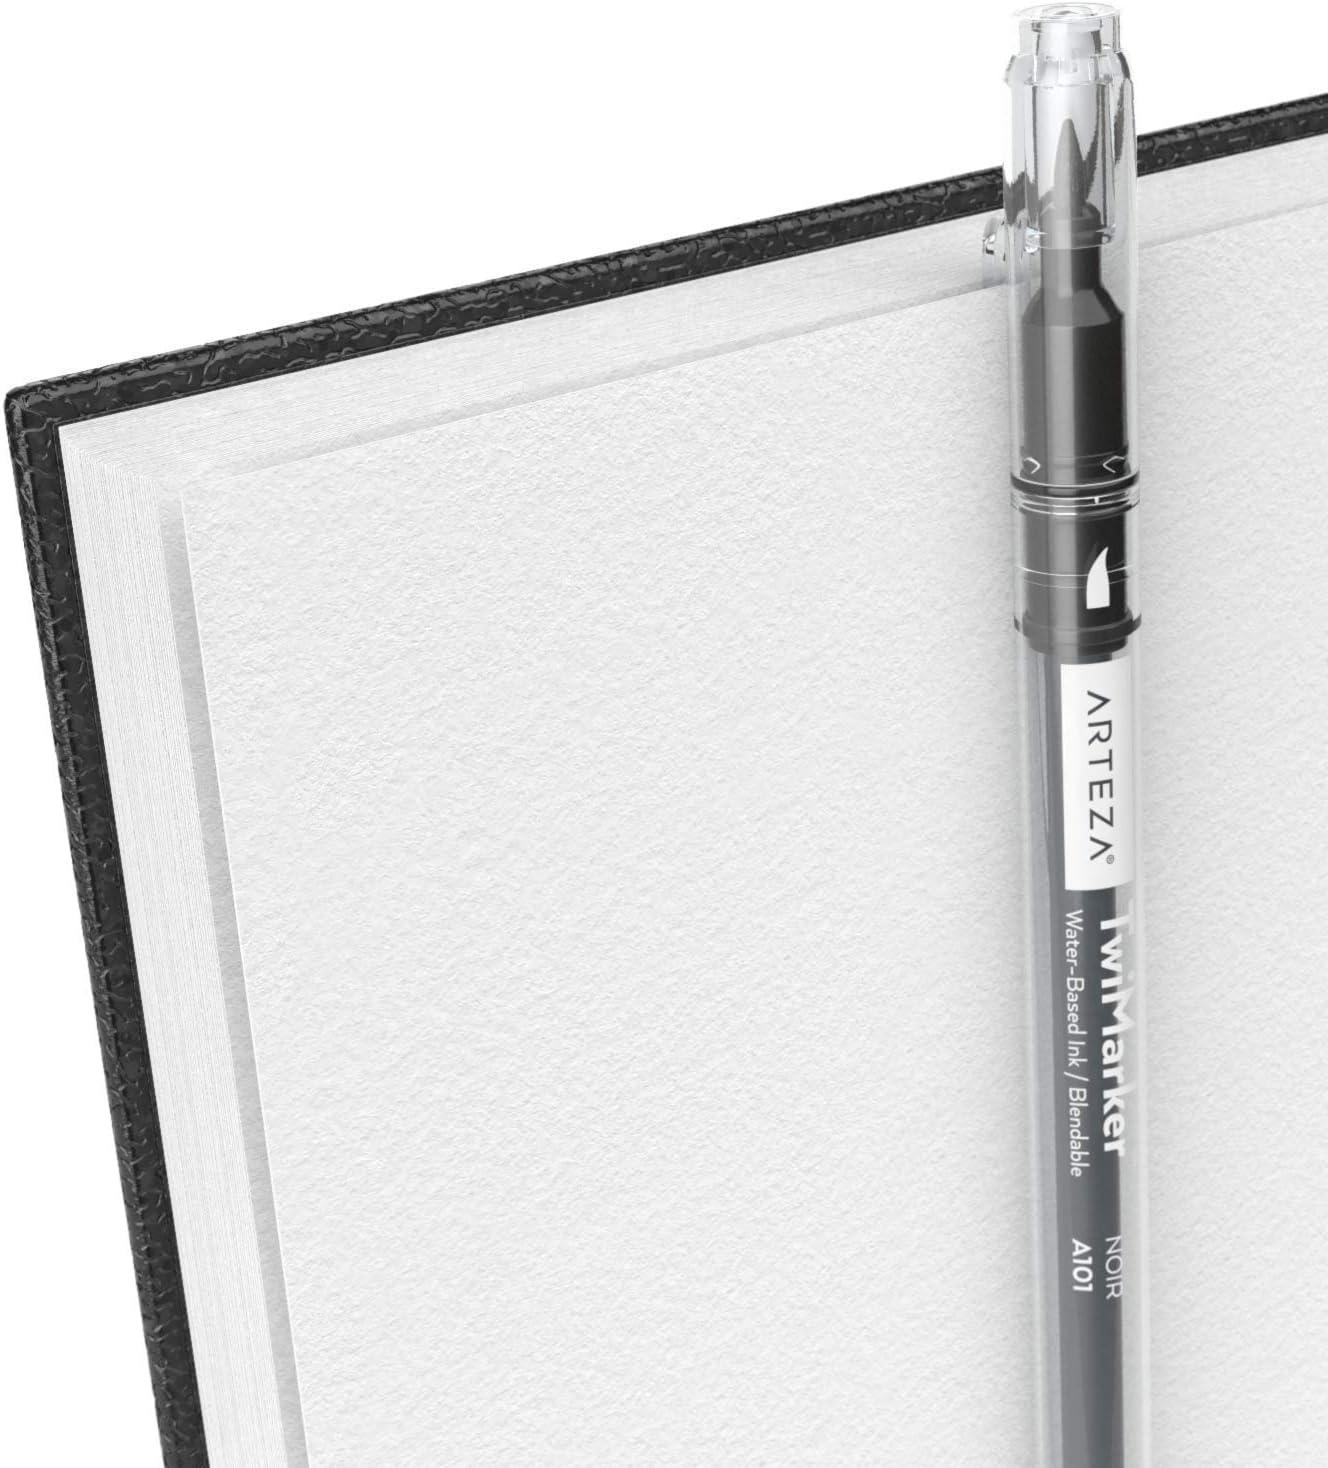 f/ür Bleistifte Skizzenblock in Rosa Wachsmalstifte Arteza Skizzenbuch mit Spiralbindung 2er-Pack 200 Seiten Kugelschreiber Hardcover-Sketchbook 68 lb//100 GSM Kohle 22.9 x 30.5 cm